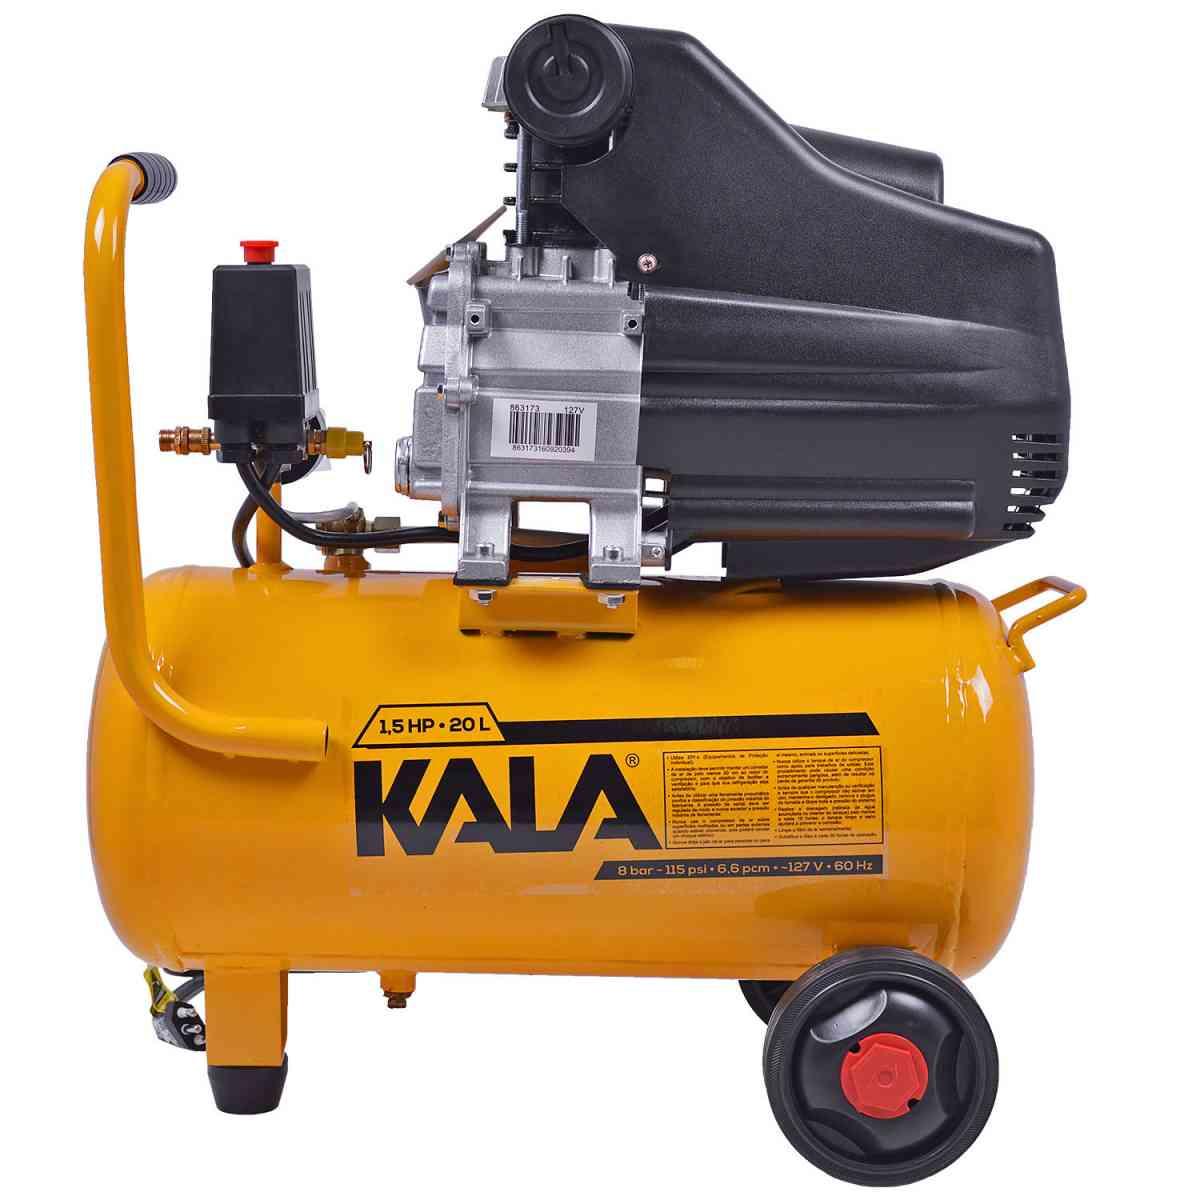 Compressor De Ar 1.5hp Pistão 6,6 PCM Kala